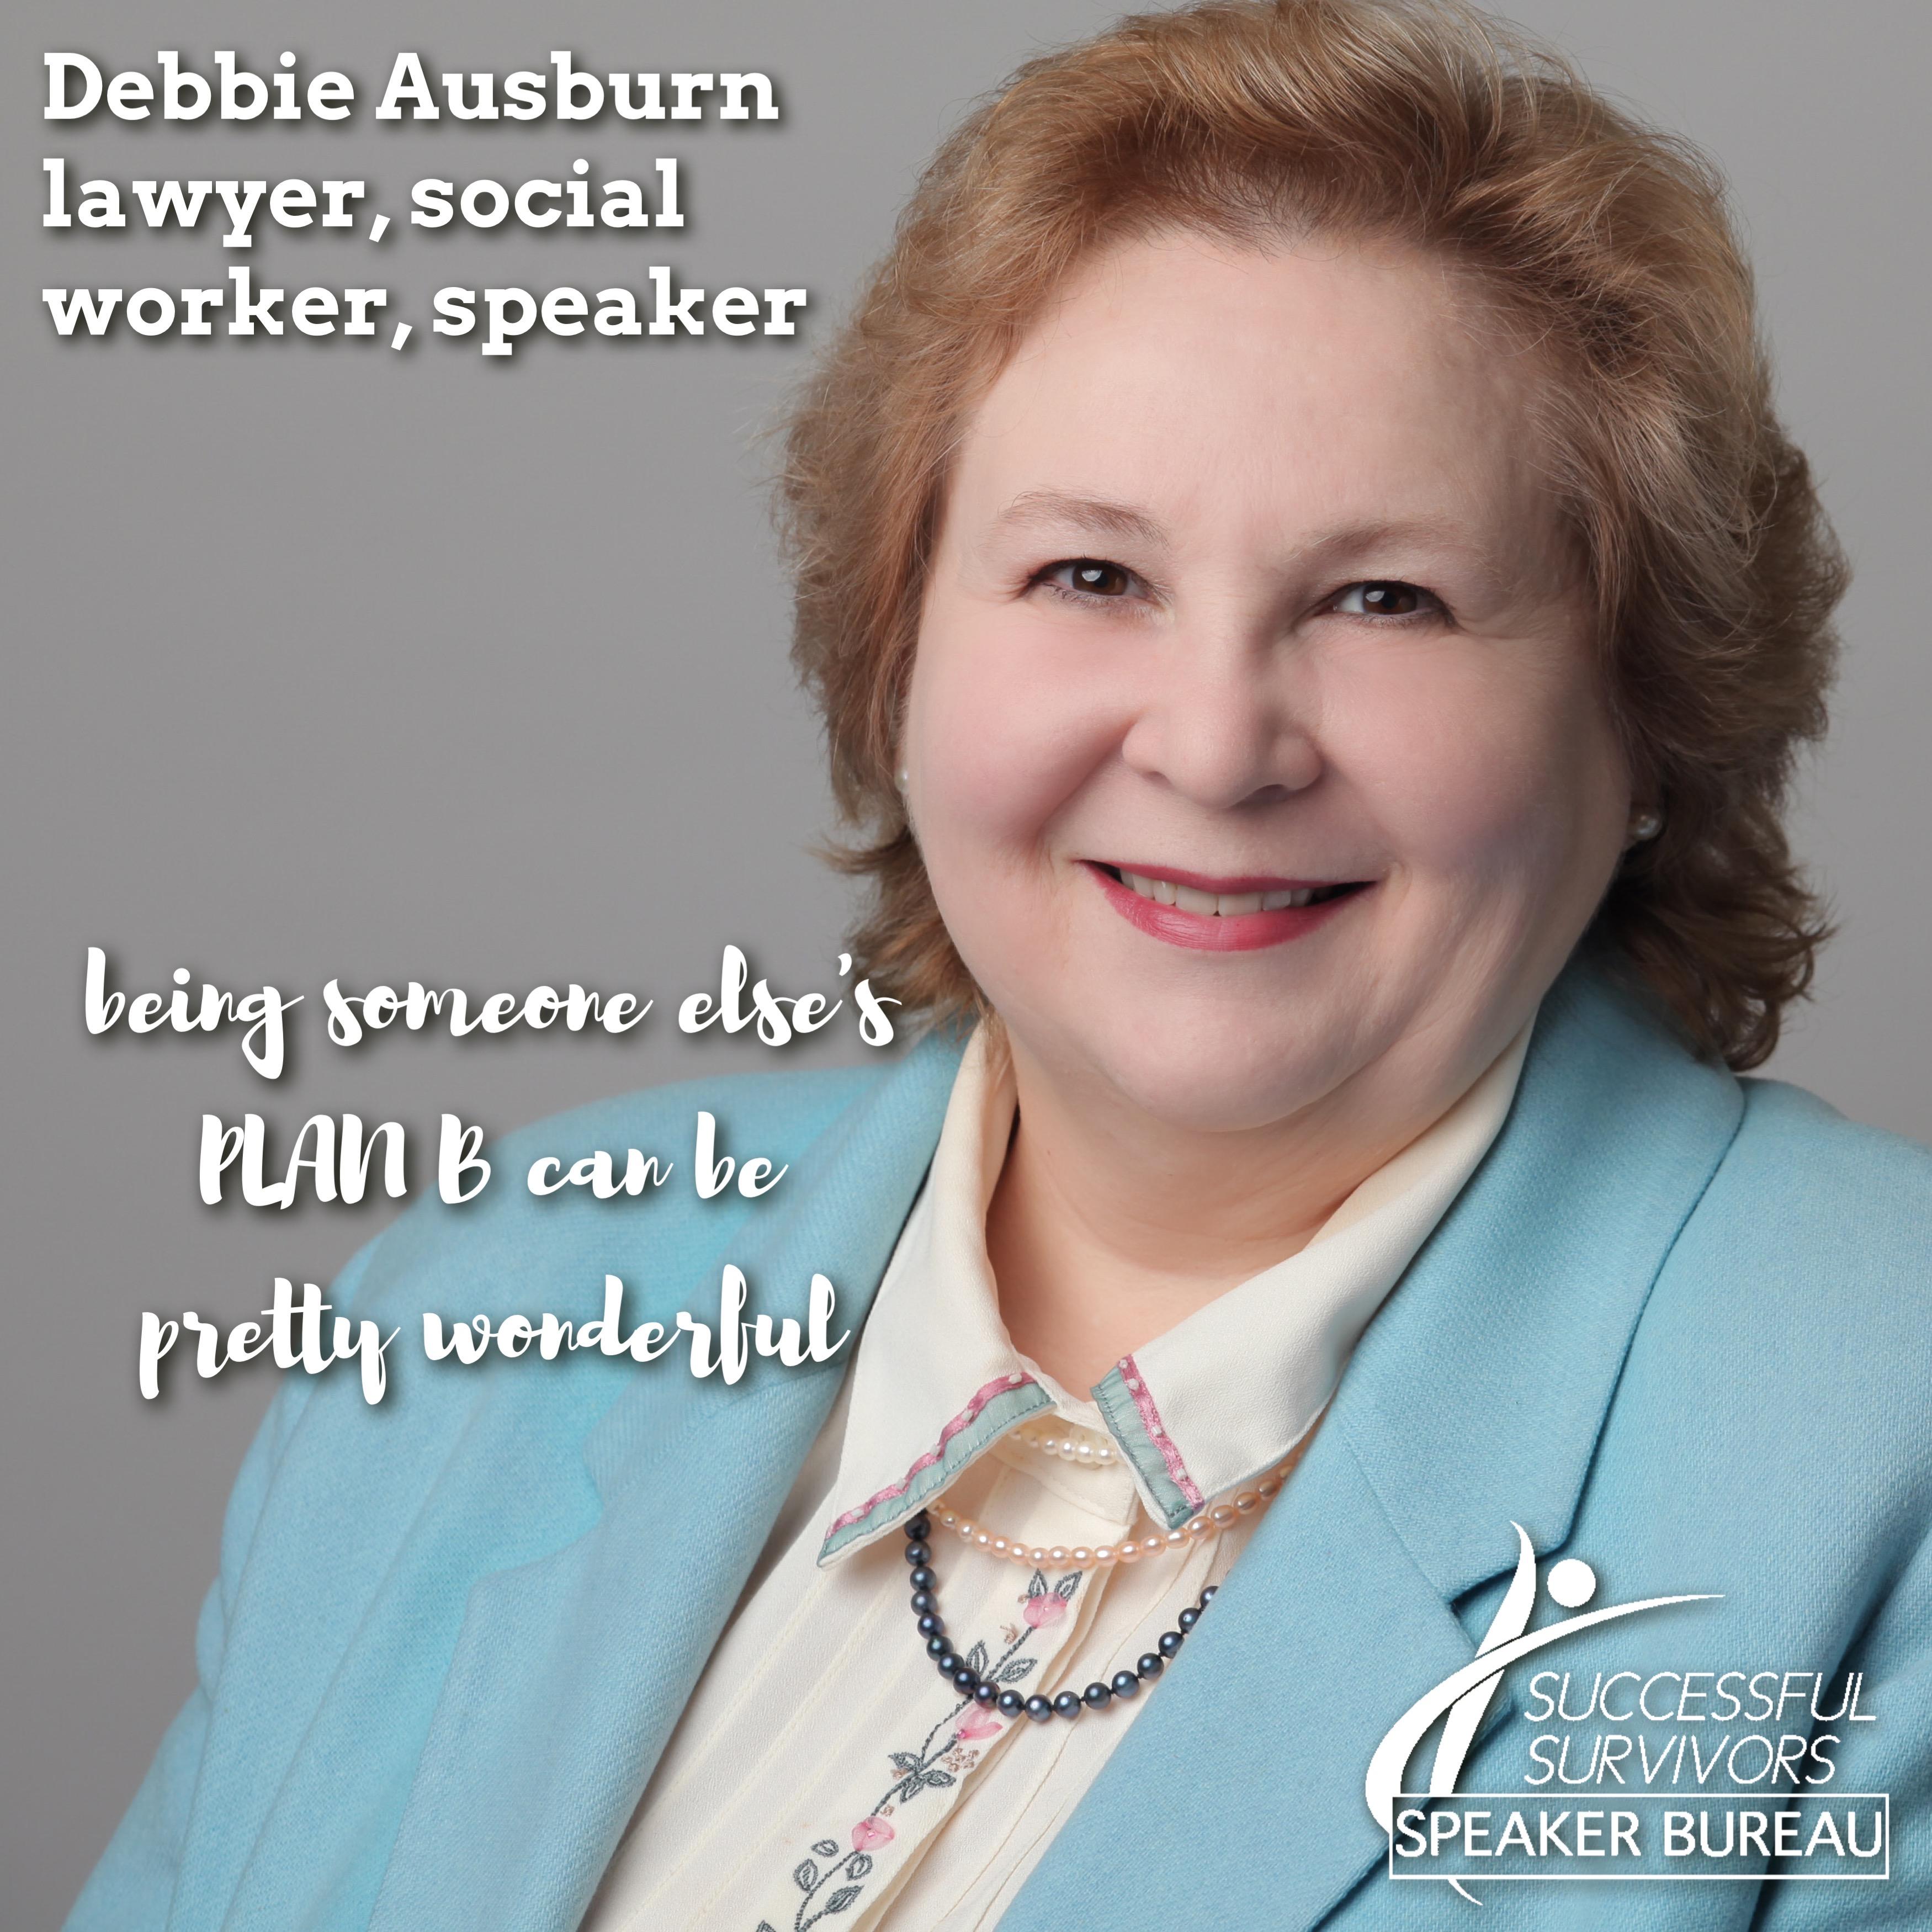 Debbie Ausburn